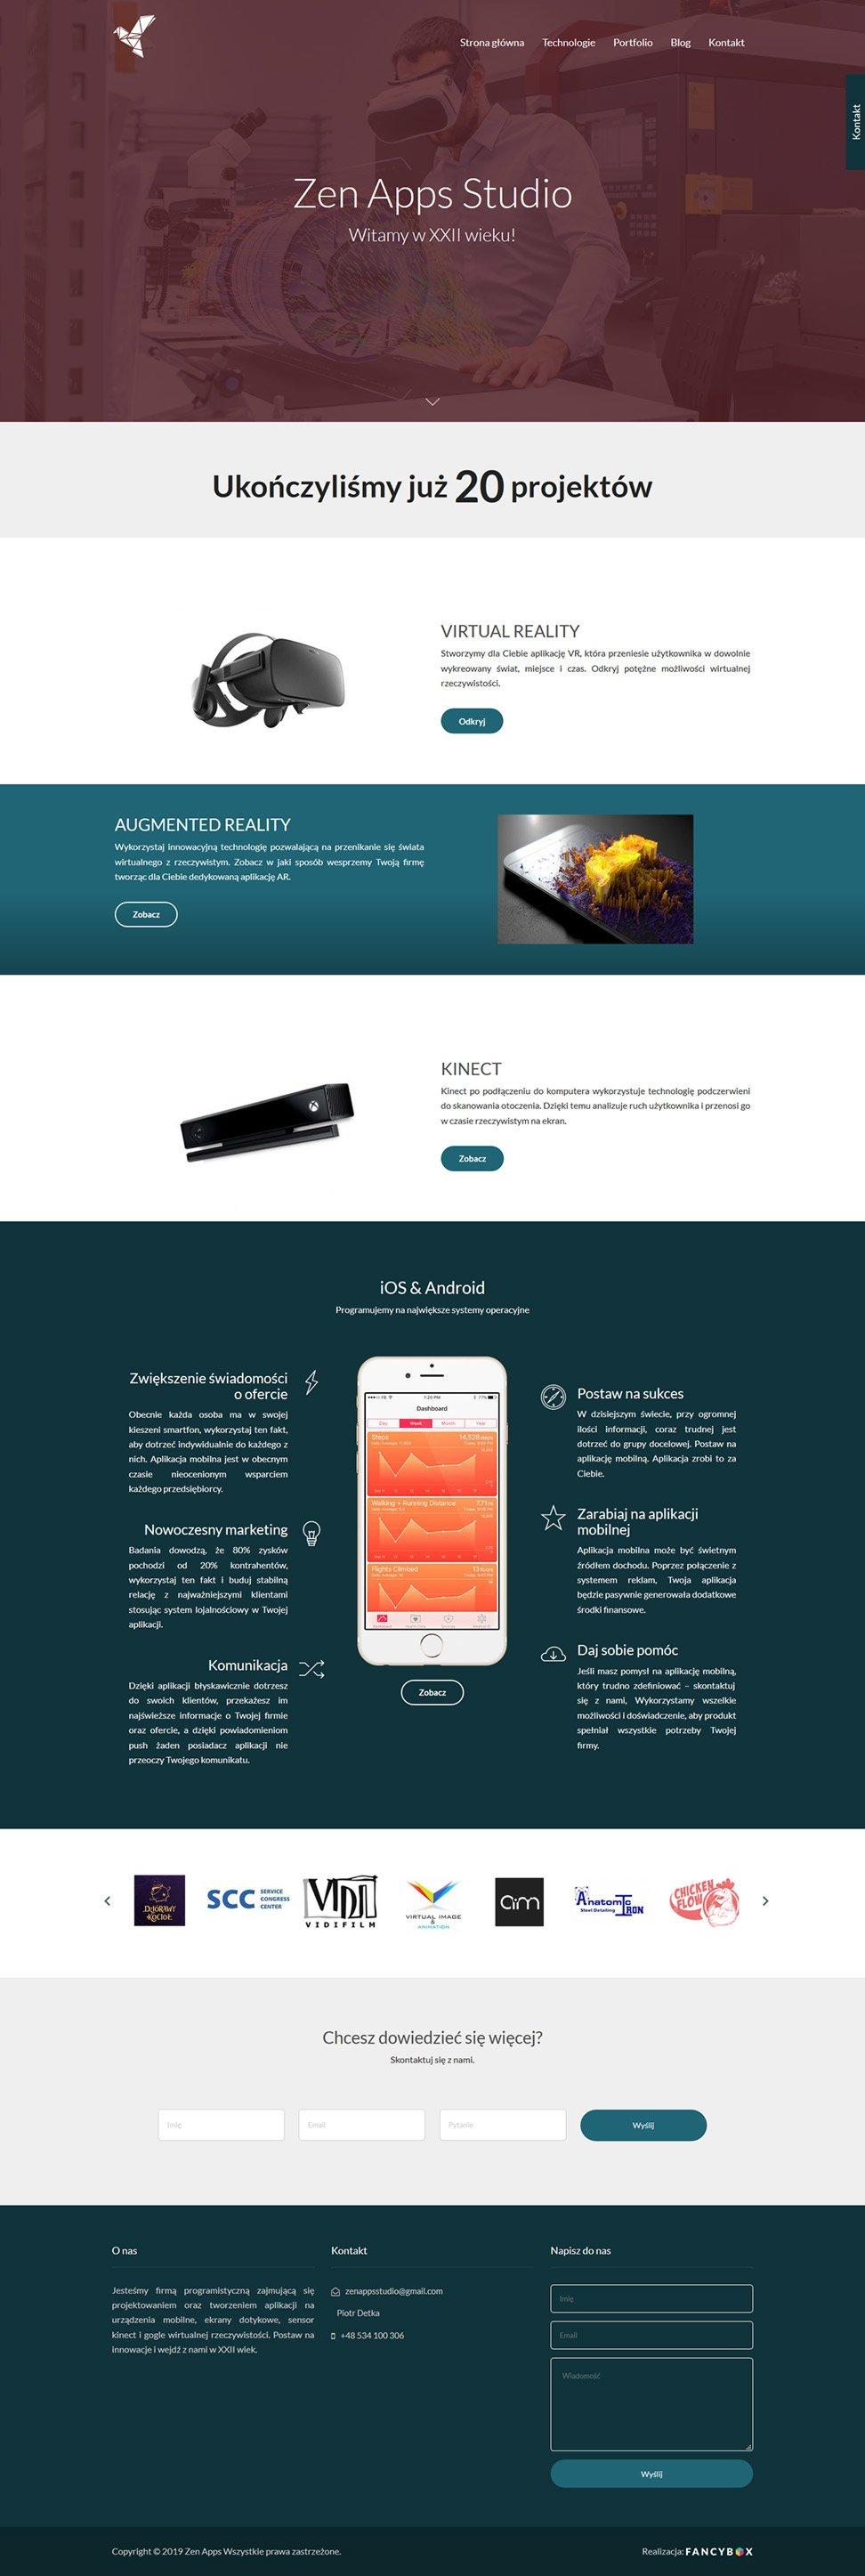 Zen Apps Studio